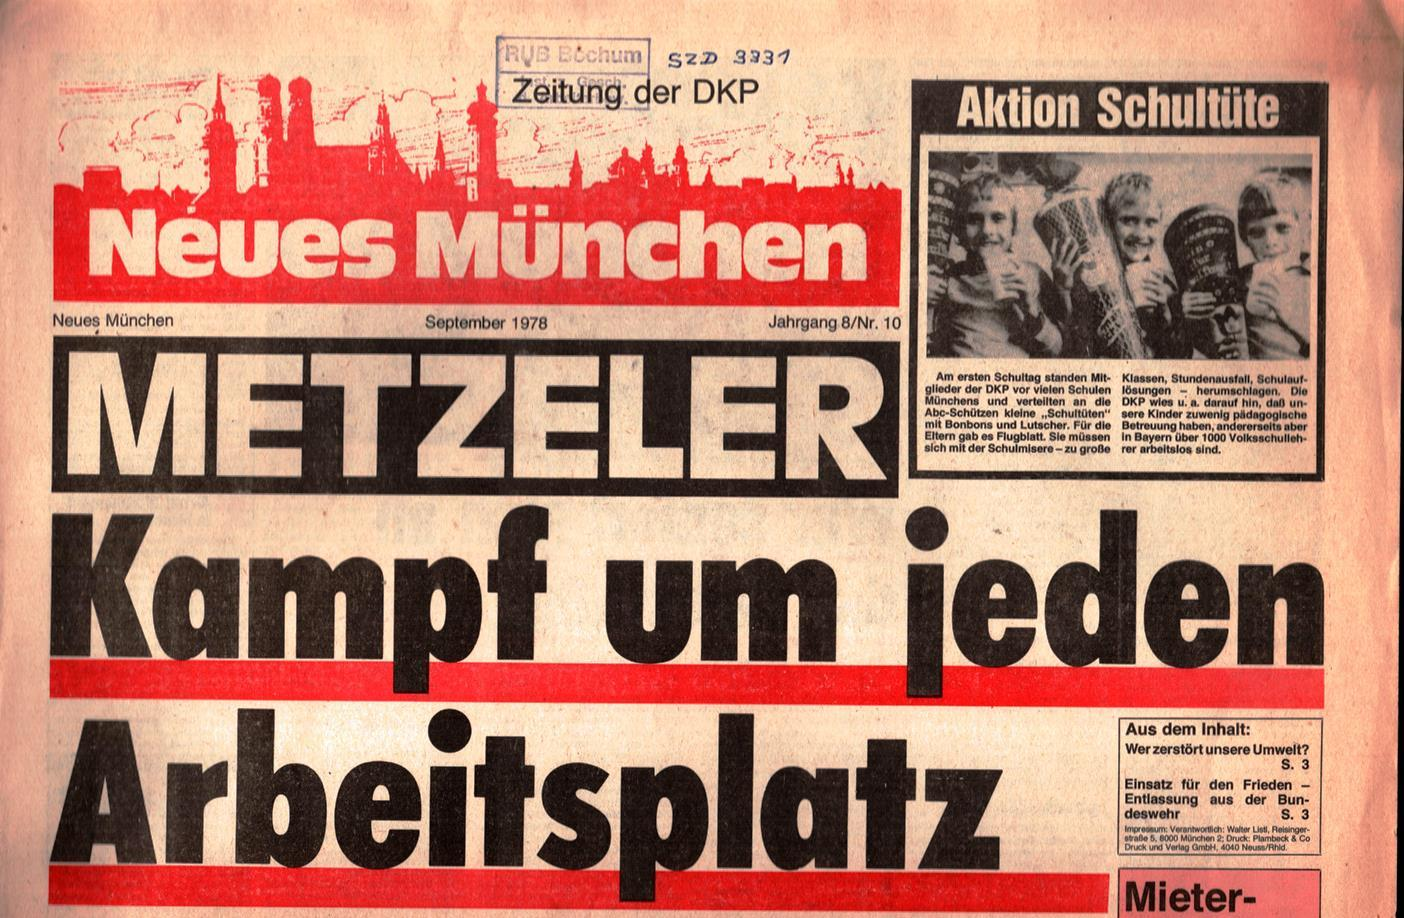 Muenchen_DKP_Neues_Muenchen_19780900_010_001